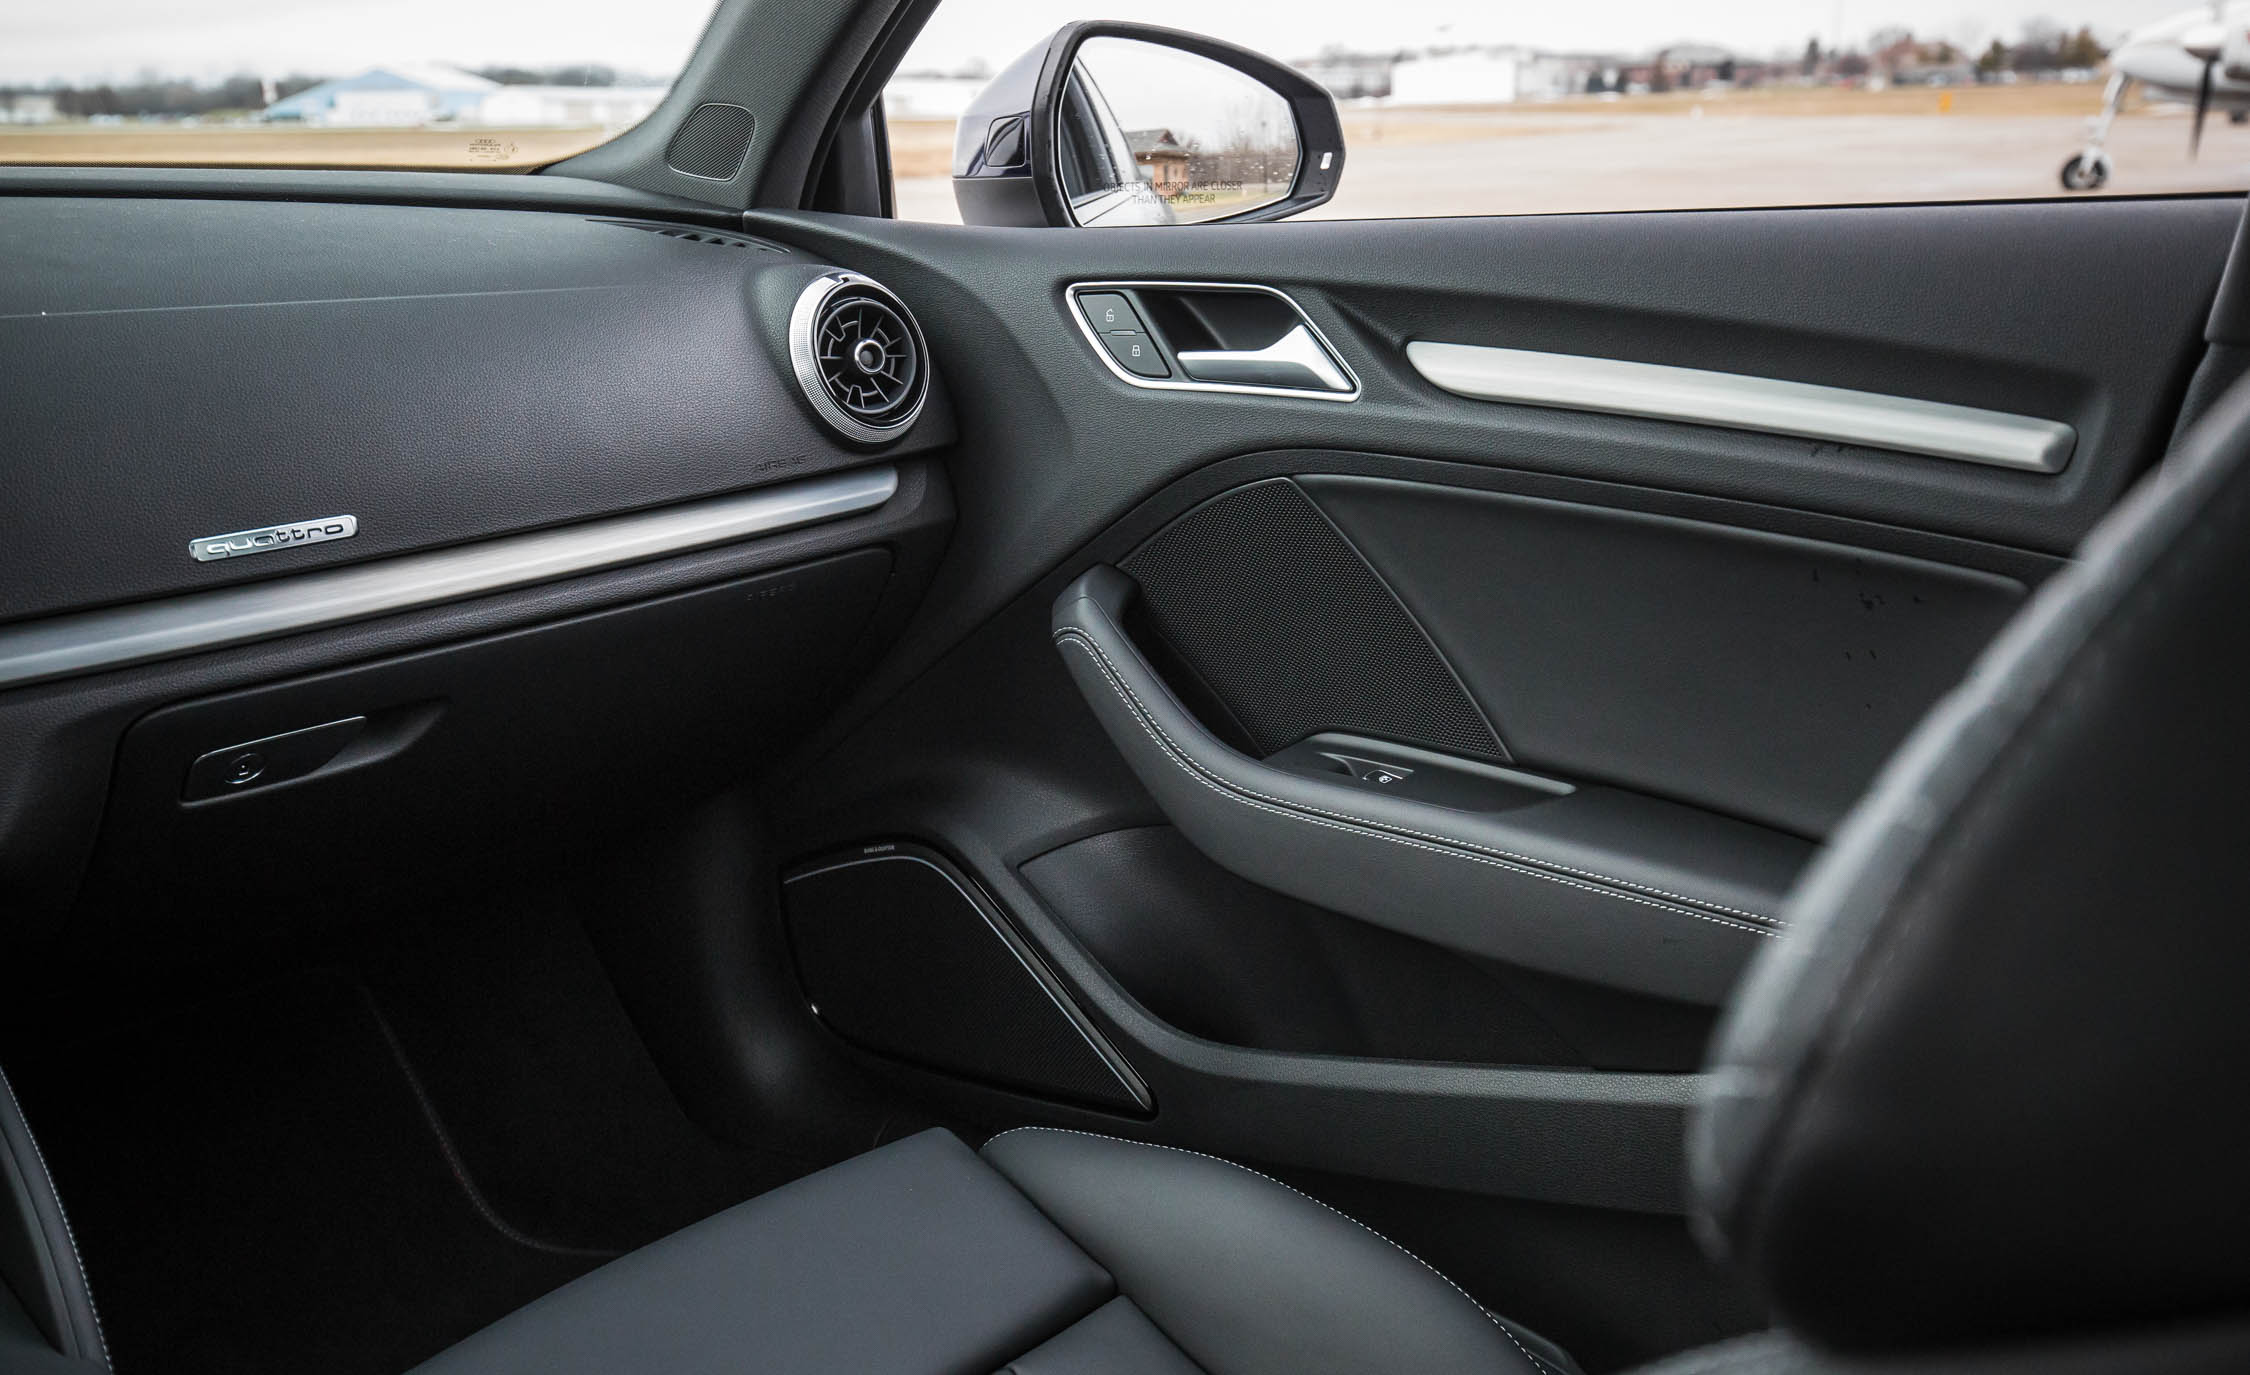 2017 Audi S3 Interior View Door Panel (View 19 of 50)